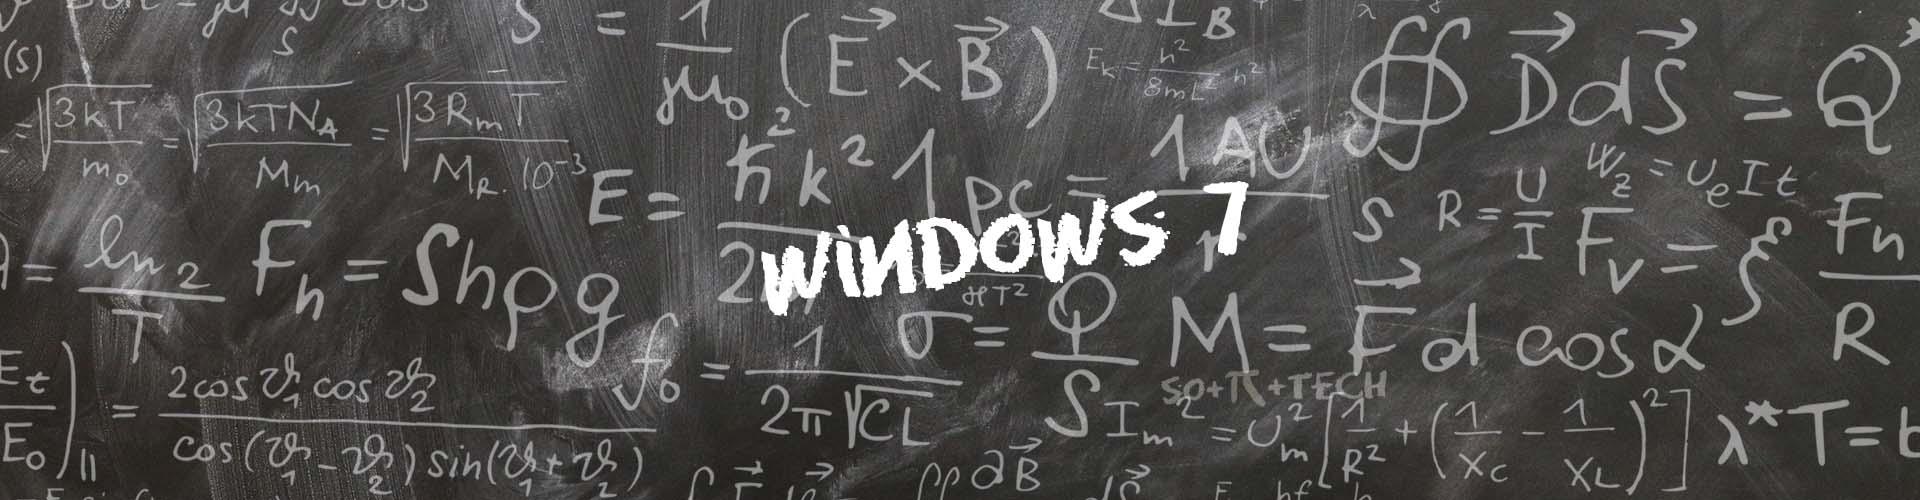 sopitec-lyon-nantes-slide-windows-7